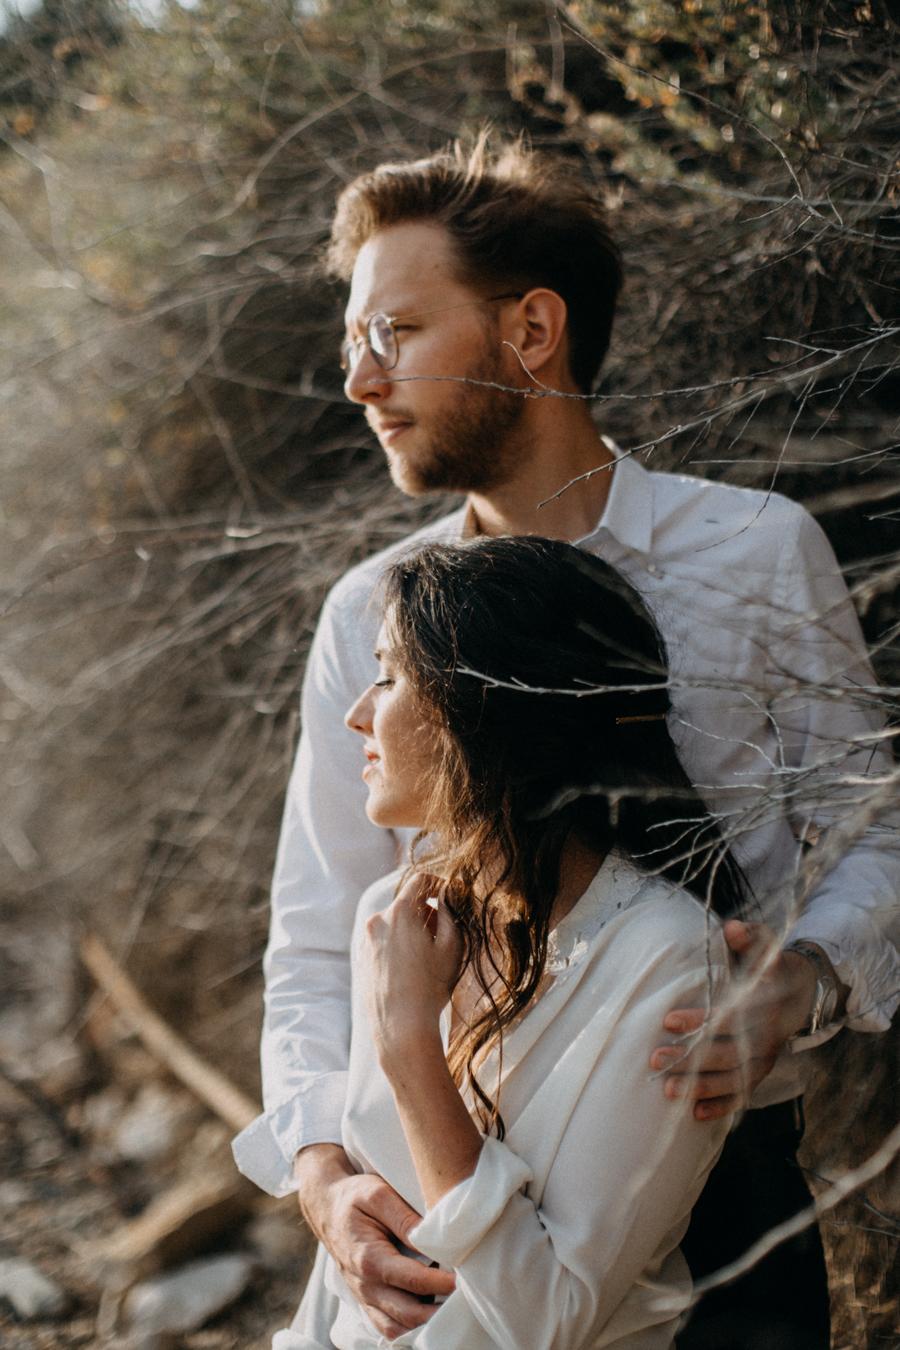 Photographe couple seance photo engagement lyon marseille plage mer nature coucher de soleil lumiere lifestyle engagement plage-38